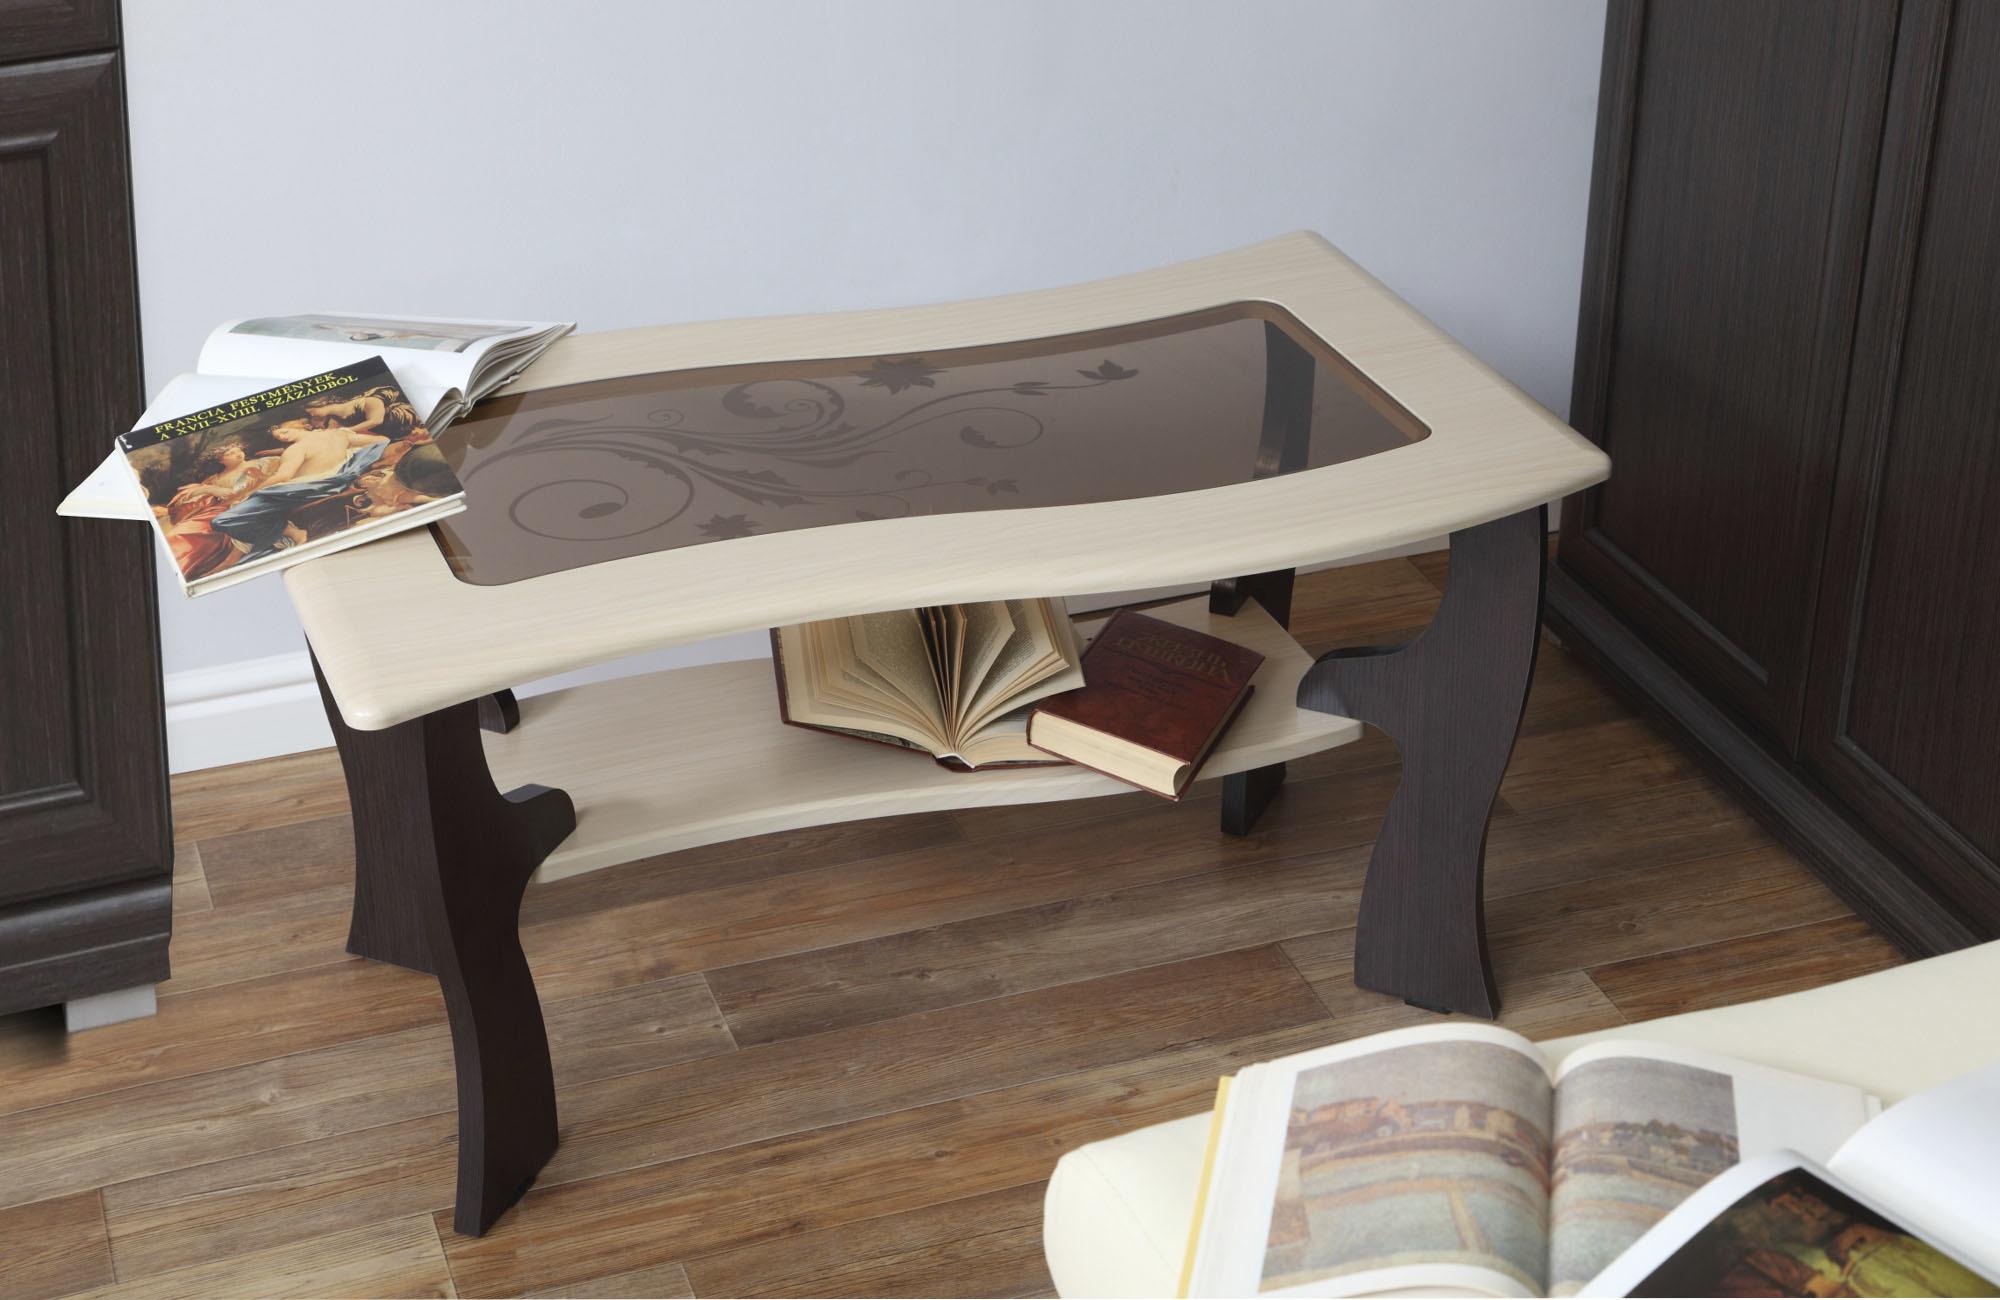 Журнальный стол Маджеста - 9 с пескоструемЖурнальные столики<br><br><br>Длина мм: 1000<br>Высота мм: 522<br>Глубина мм: 600